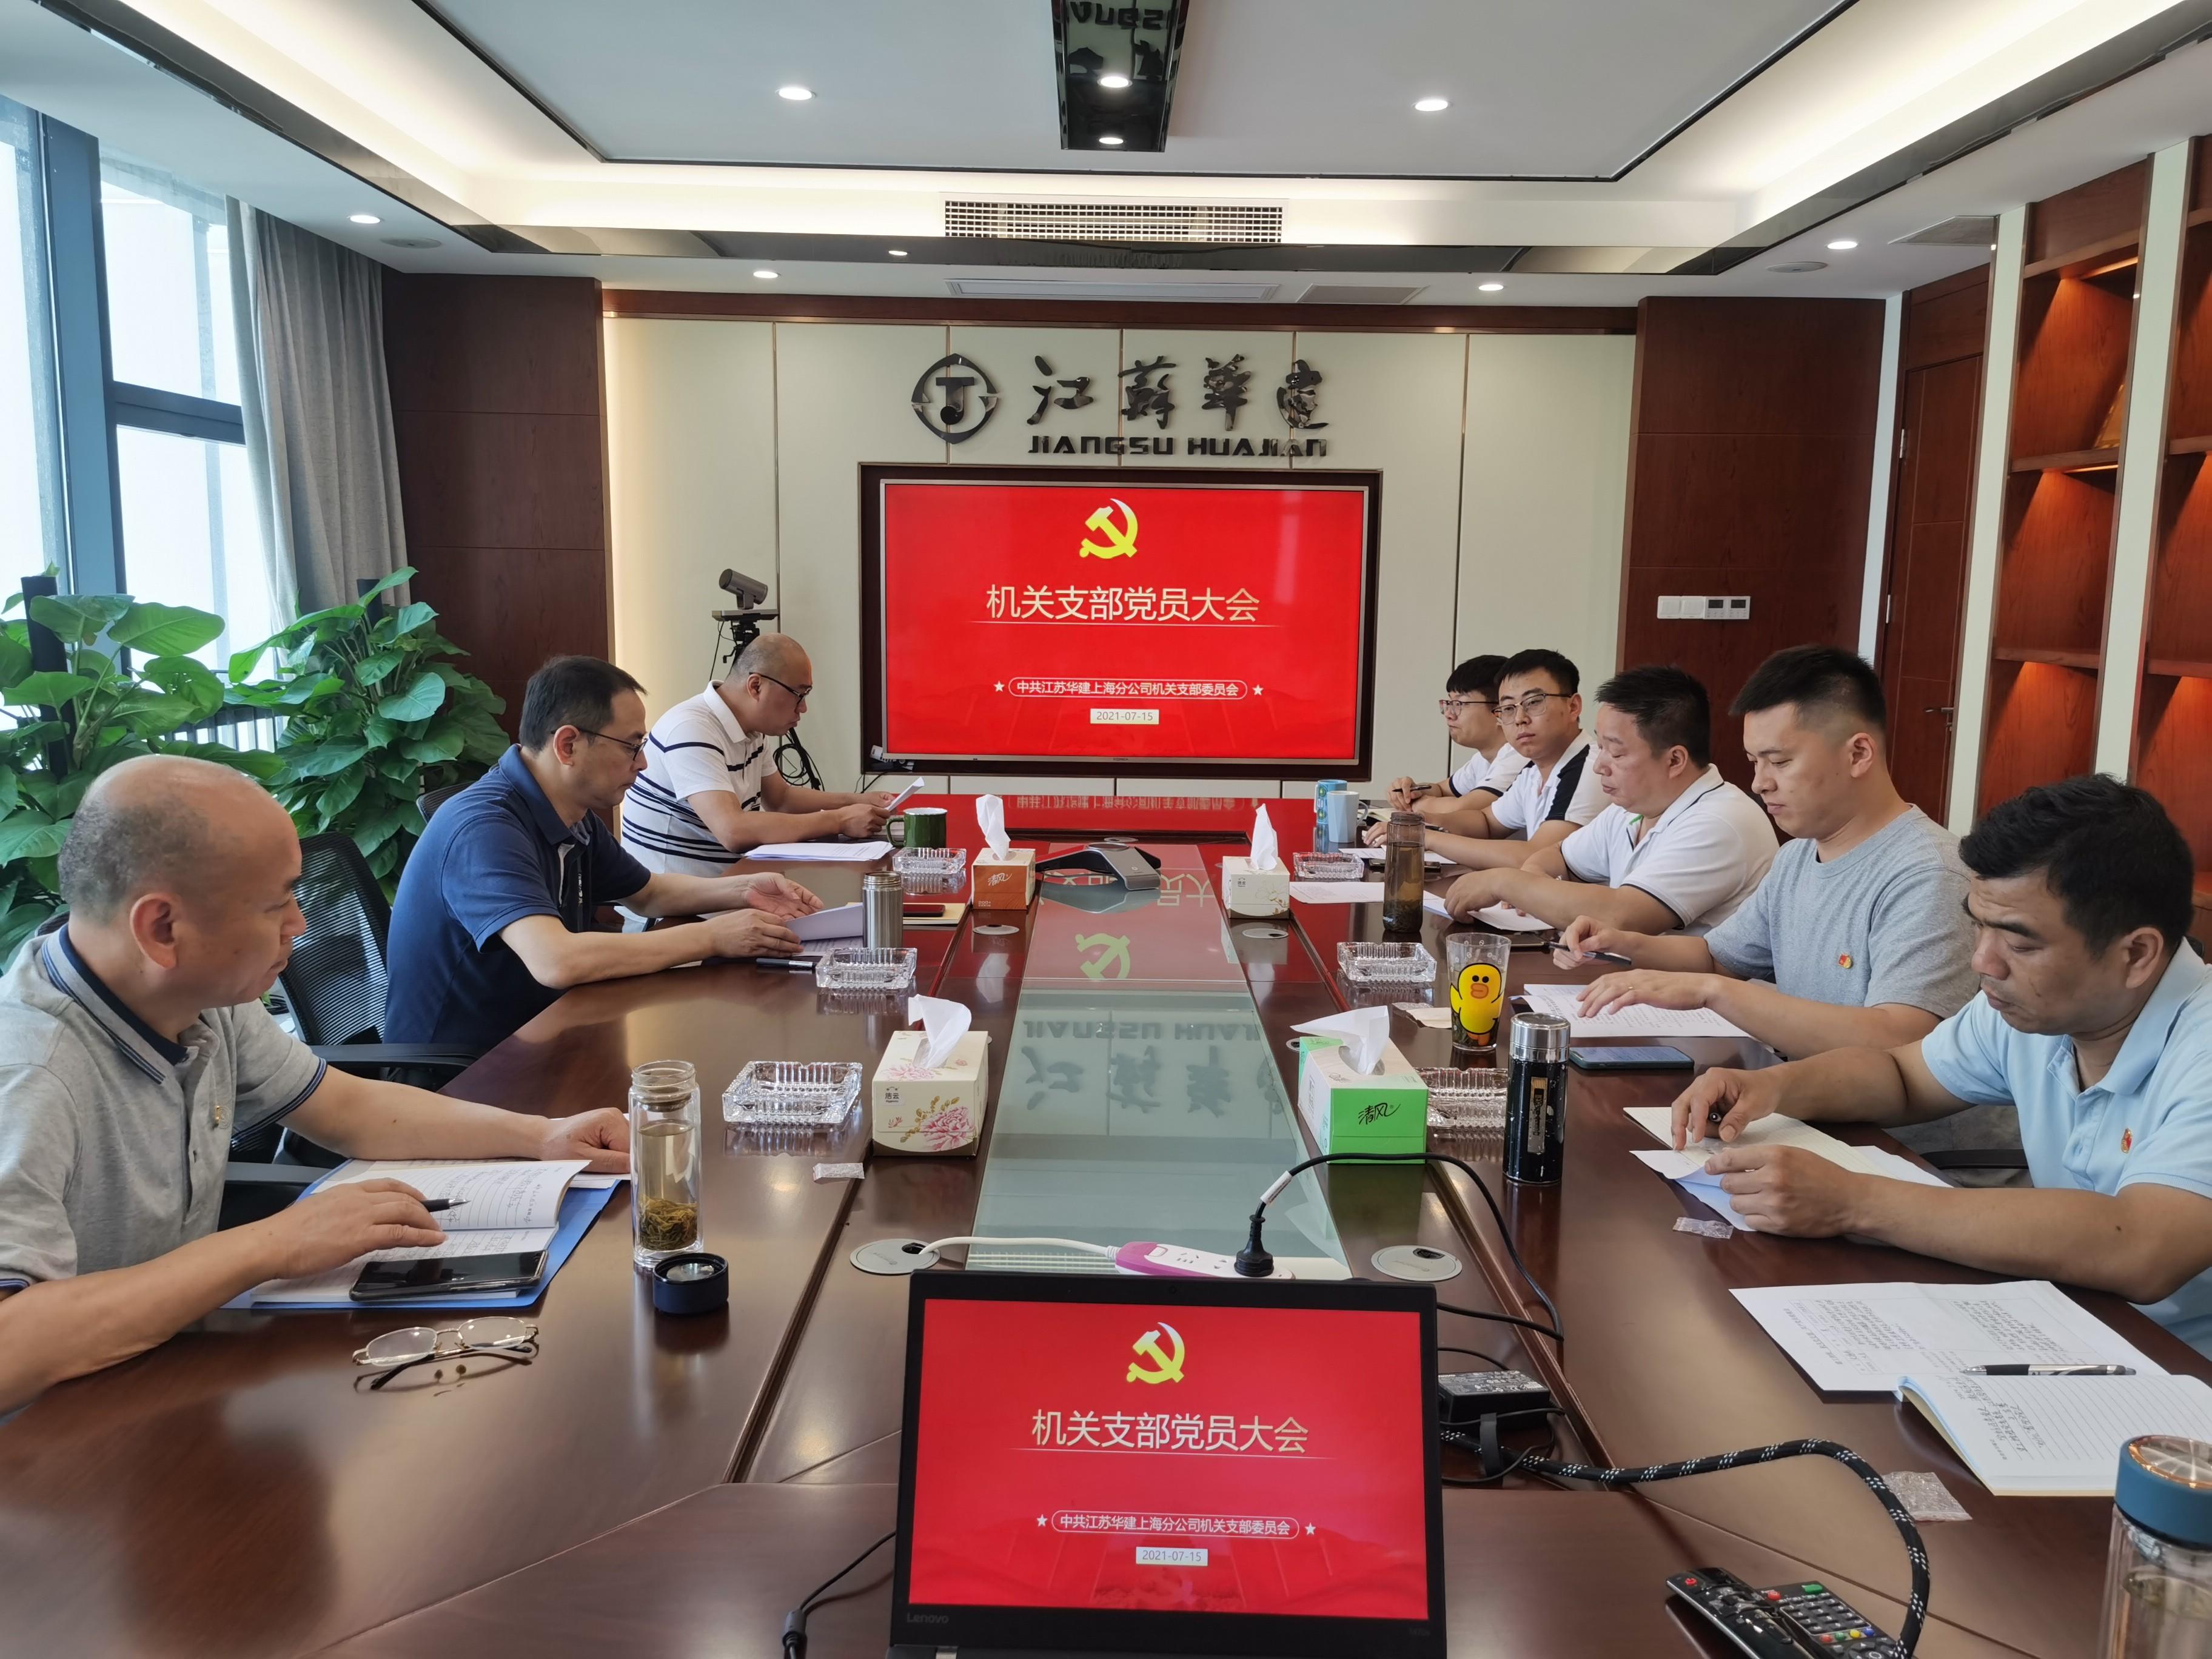 2021年二季度党员大会会议照片(换届选举)8.jpg